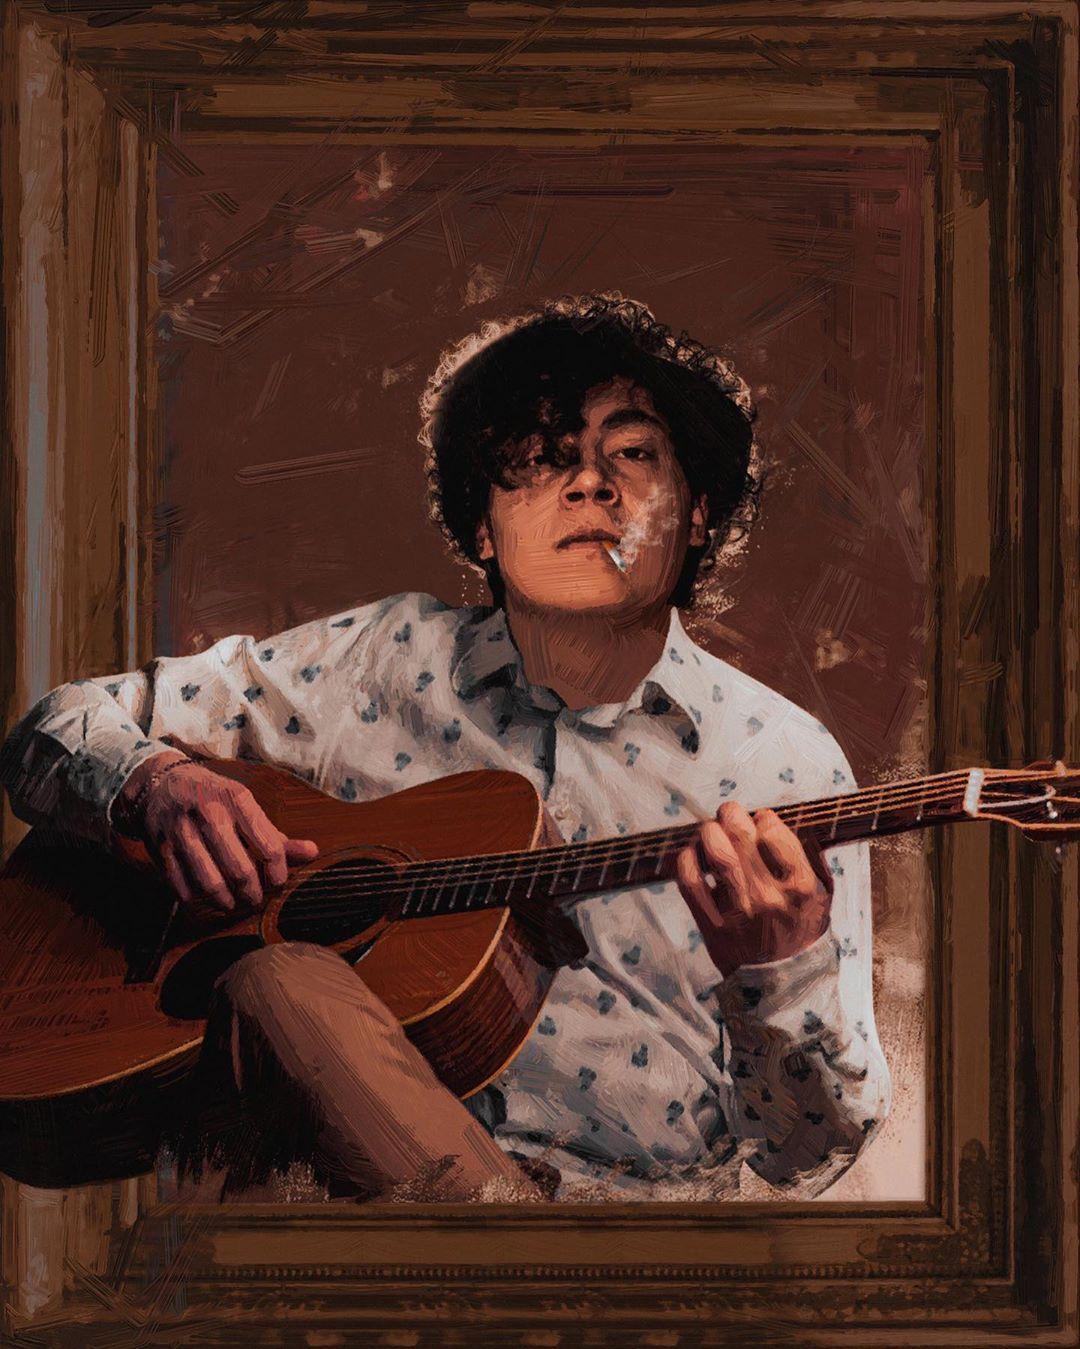 MOR.BO RIOT: Ed Maverick, la voz de la Gen-Z que une el pop folk con música regional mexicana